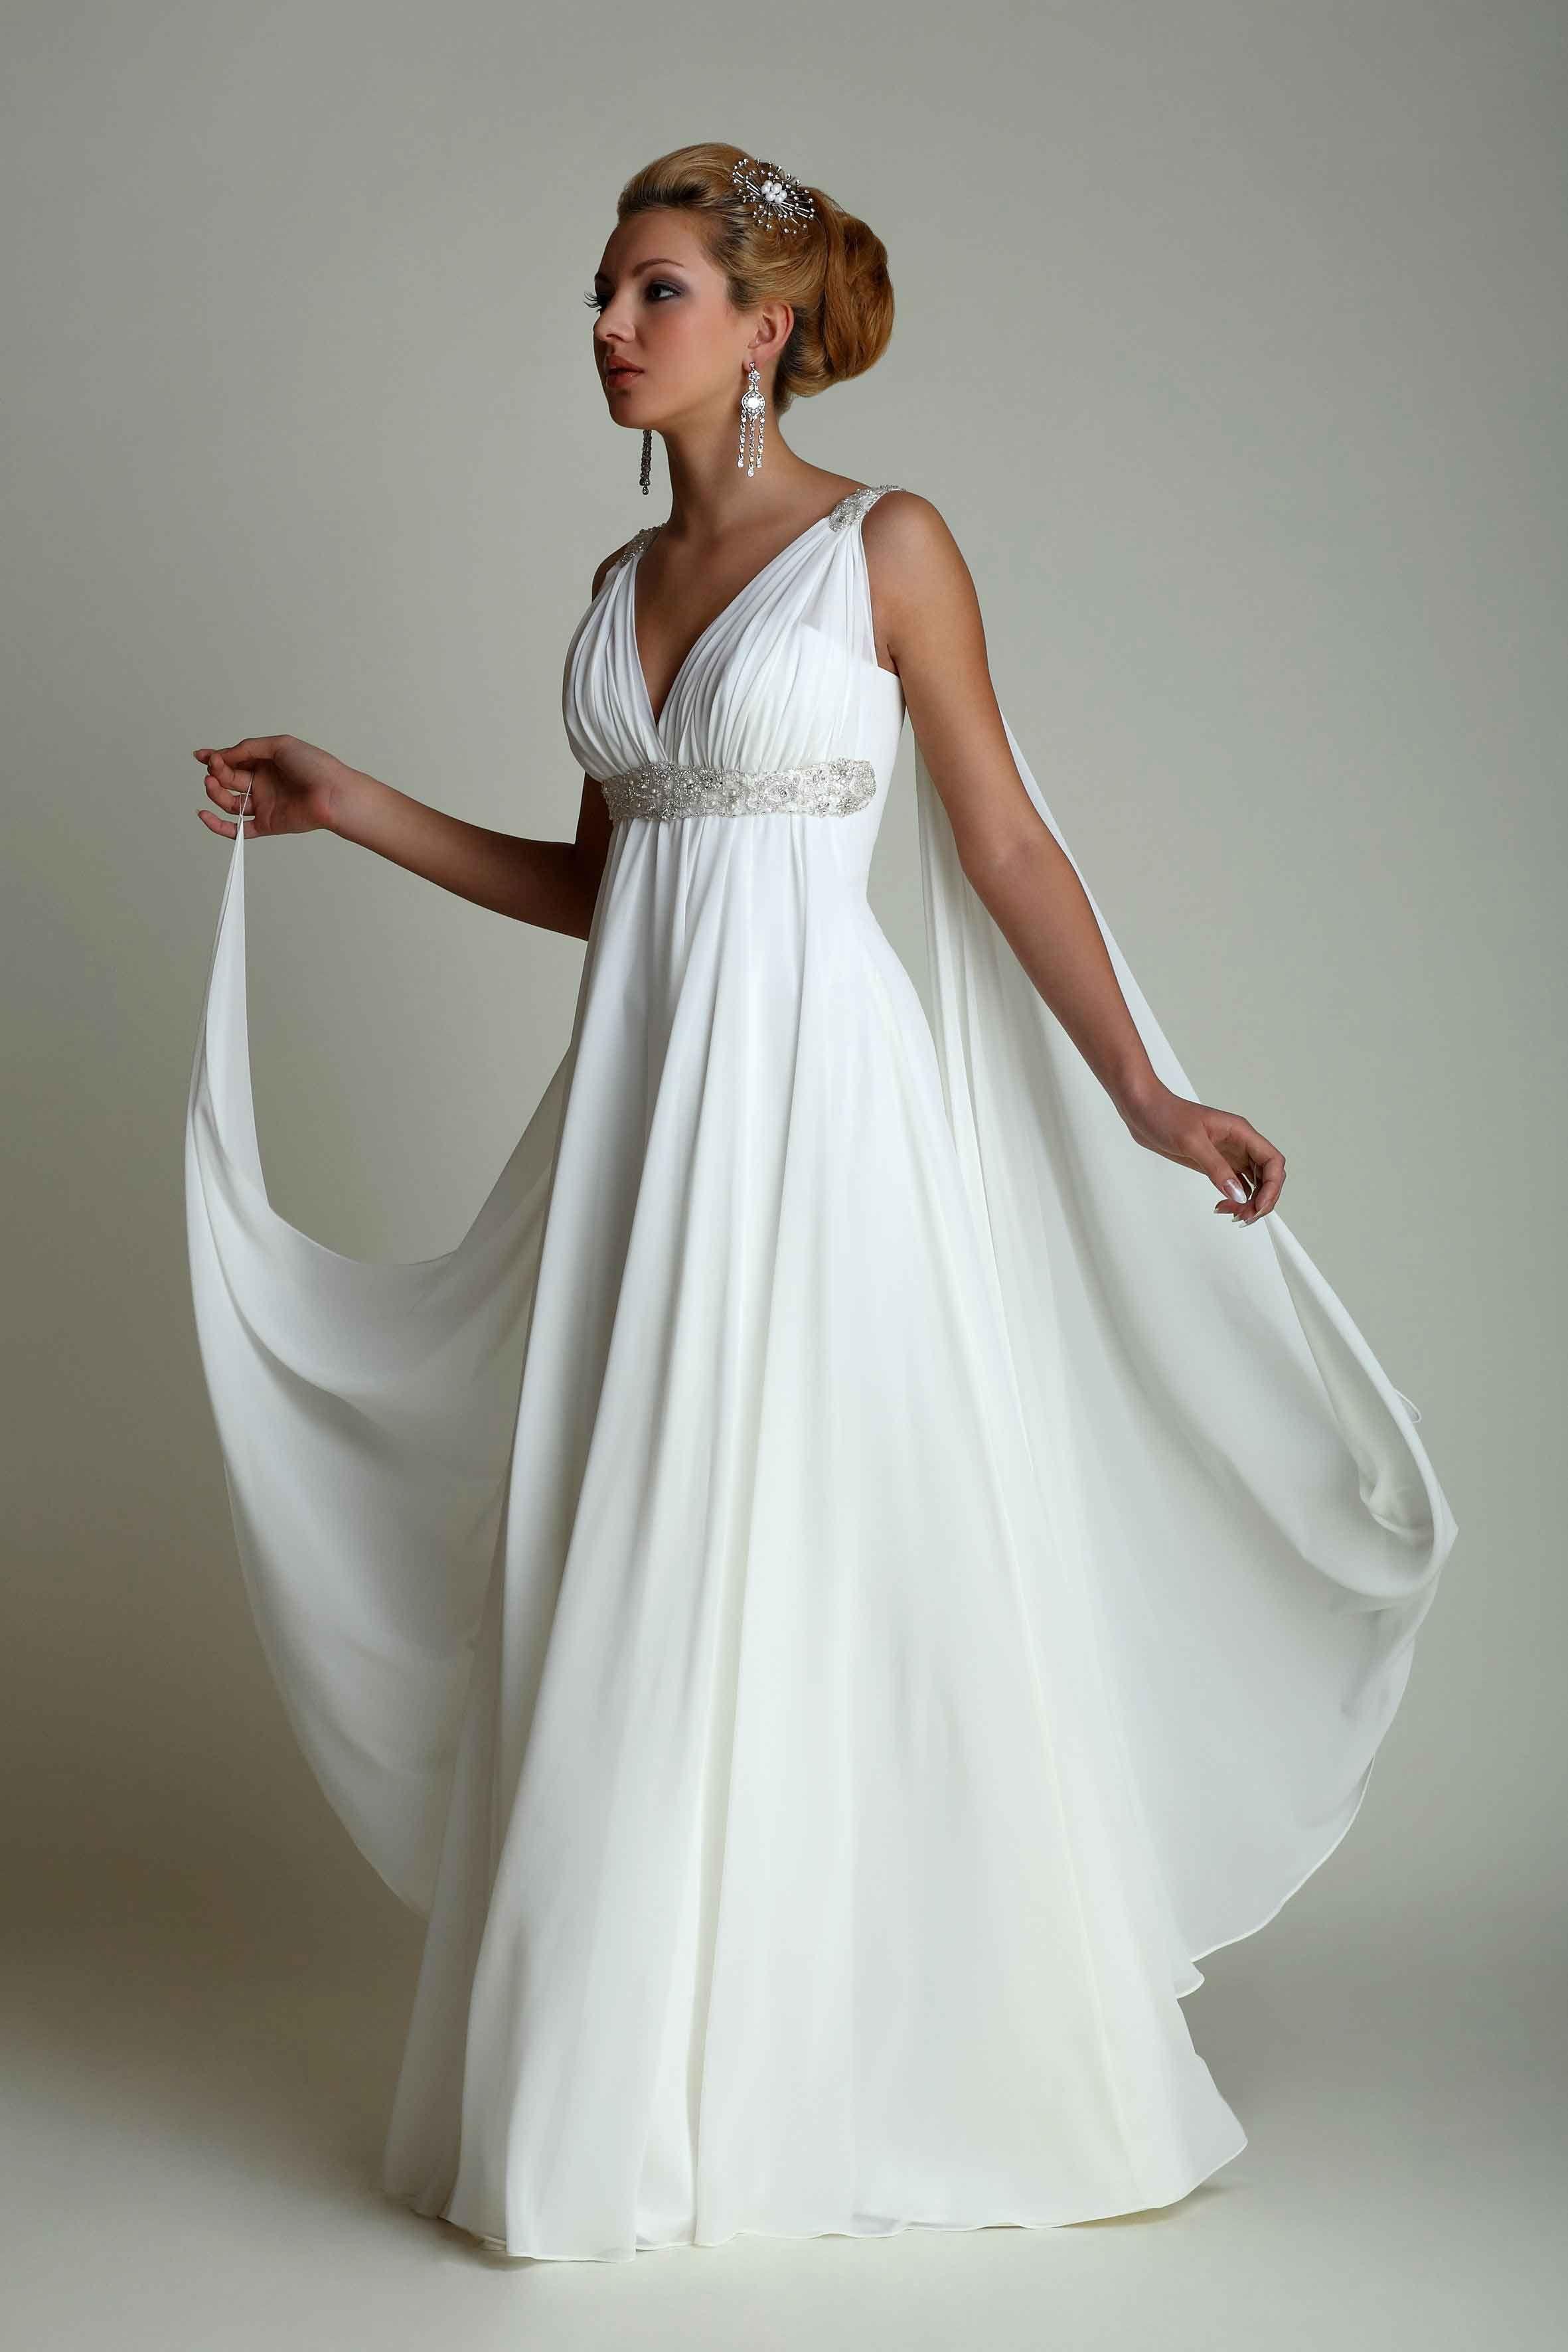 Plus size wedding reception dresses for guests  vestidos de casamento  Convites casamento lembranças decoração